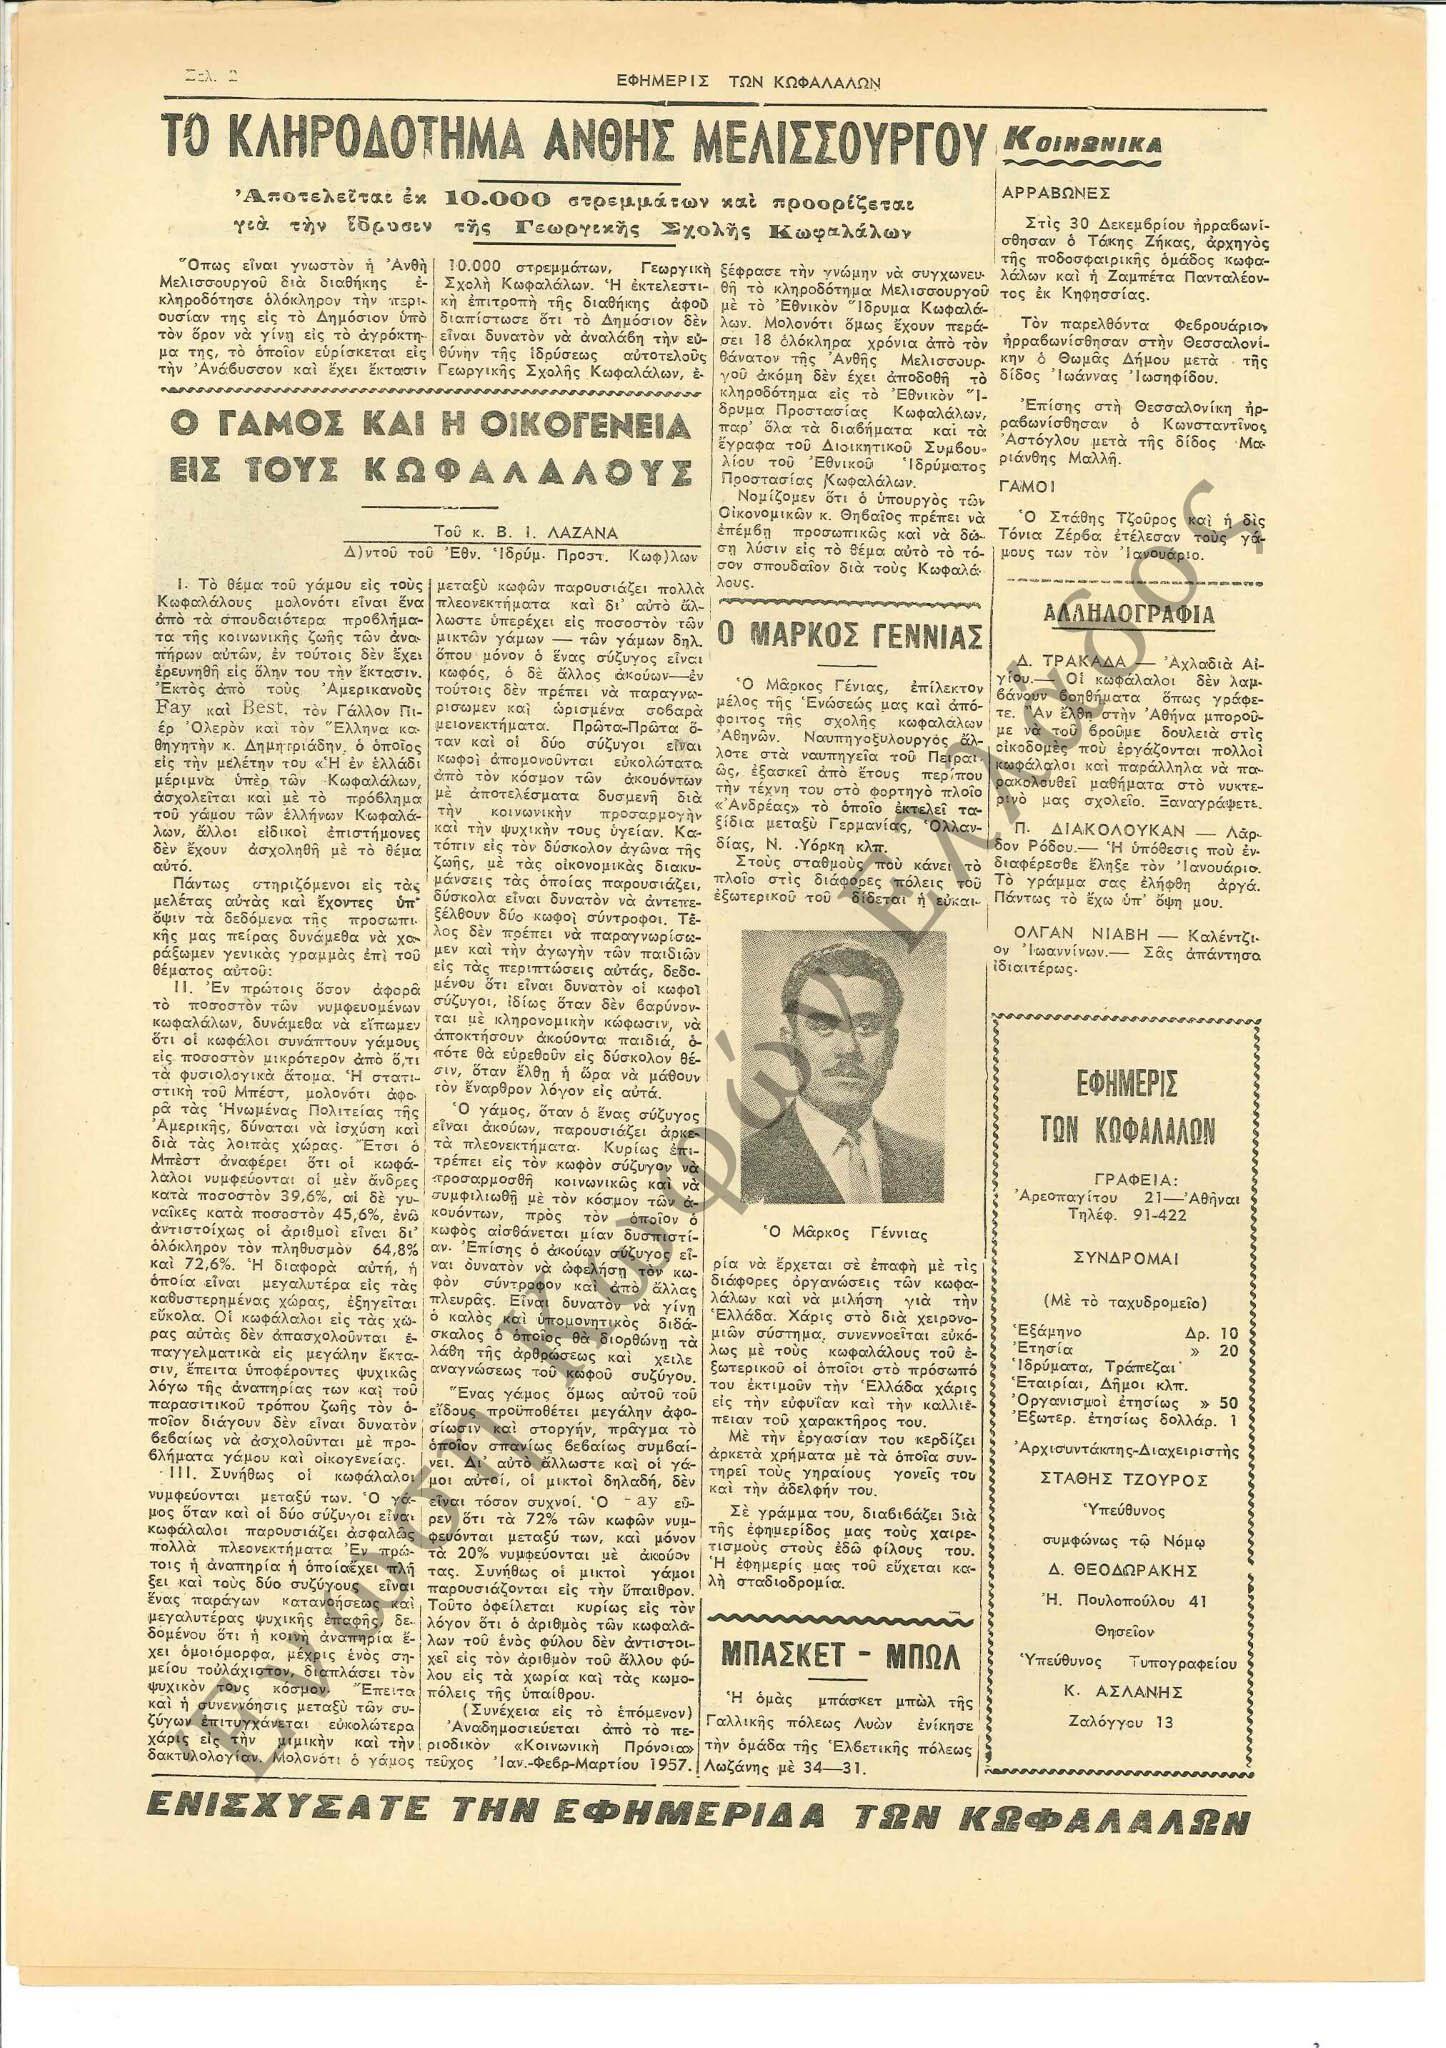 Εφημερίς των Κωφαλάλων 1957-Ιούνιος 2